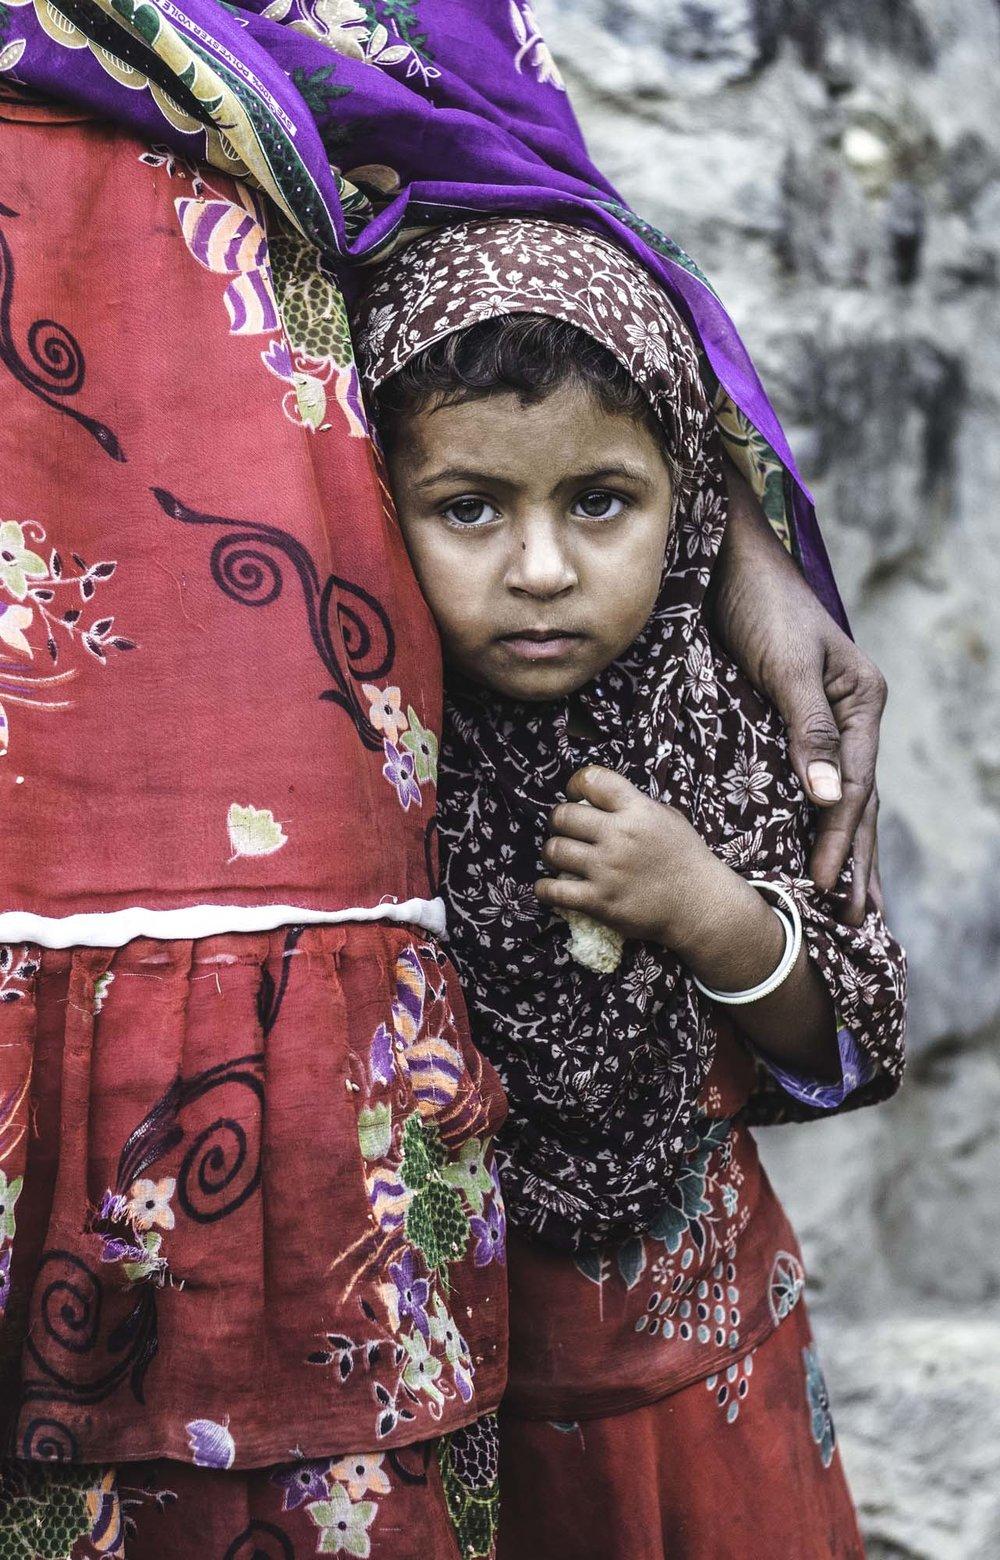 """.تقول صباح:"""" لا أعرف أي مستقبل ينتظر ابنتي. أنا لا أستطيع القراءة أو الكتابة، وكنت أحلم دائما أن ابنتي ستعوض ما فقدته أنا وسوف تذهب إلى المدرسة لتصبح متعلمة أريد هذه الحرب أن تنتهي. .""""نحن خائفون من القنابل ونحن متعبون من عدم وجود مكان نذهب إليه"""